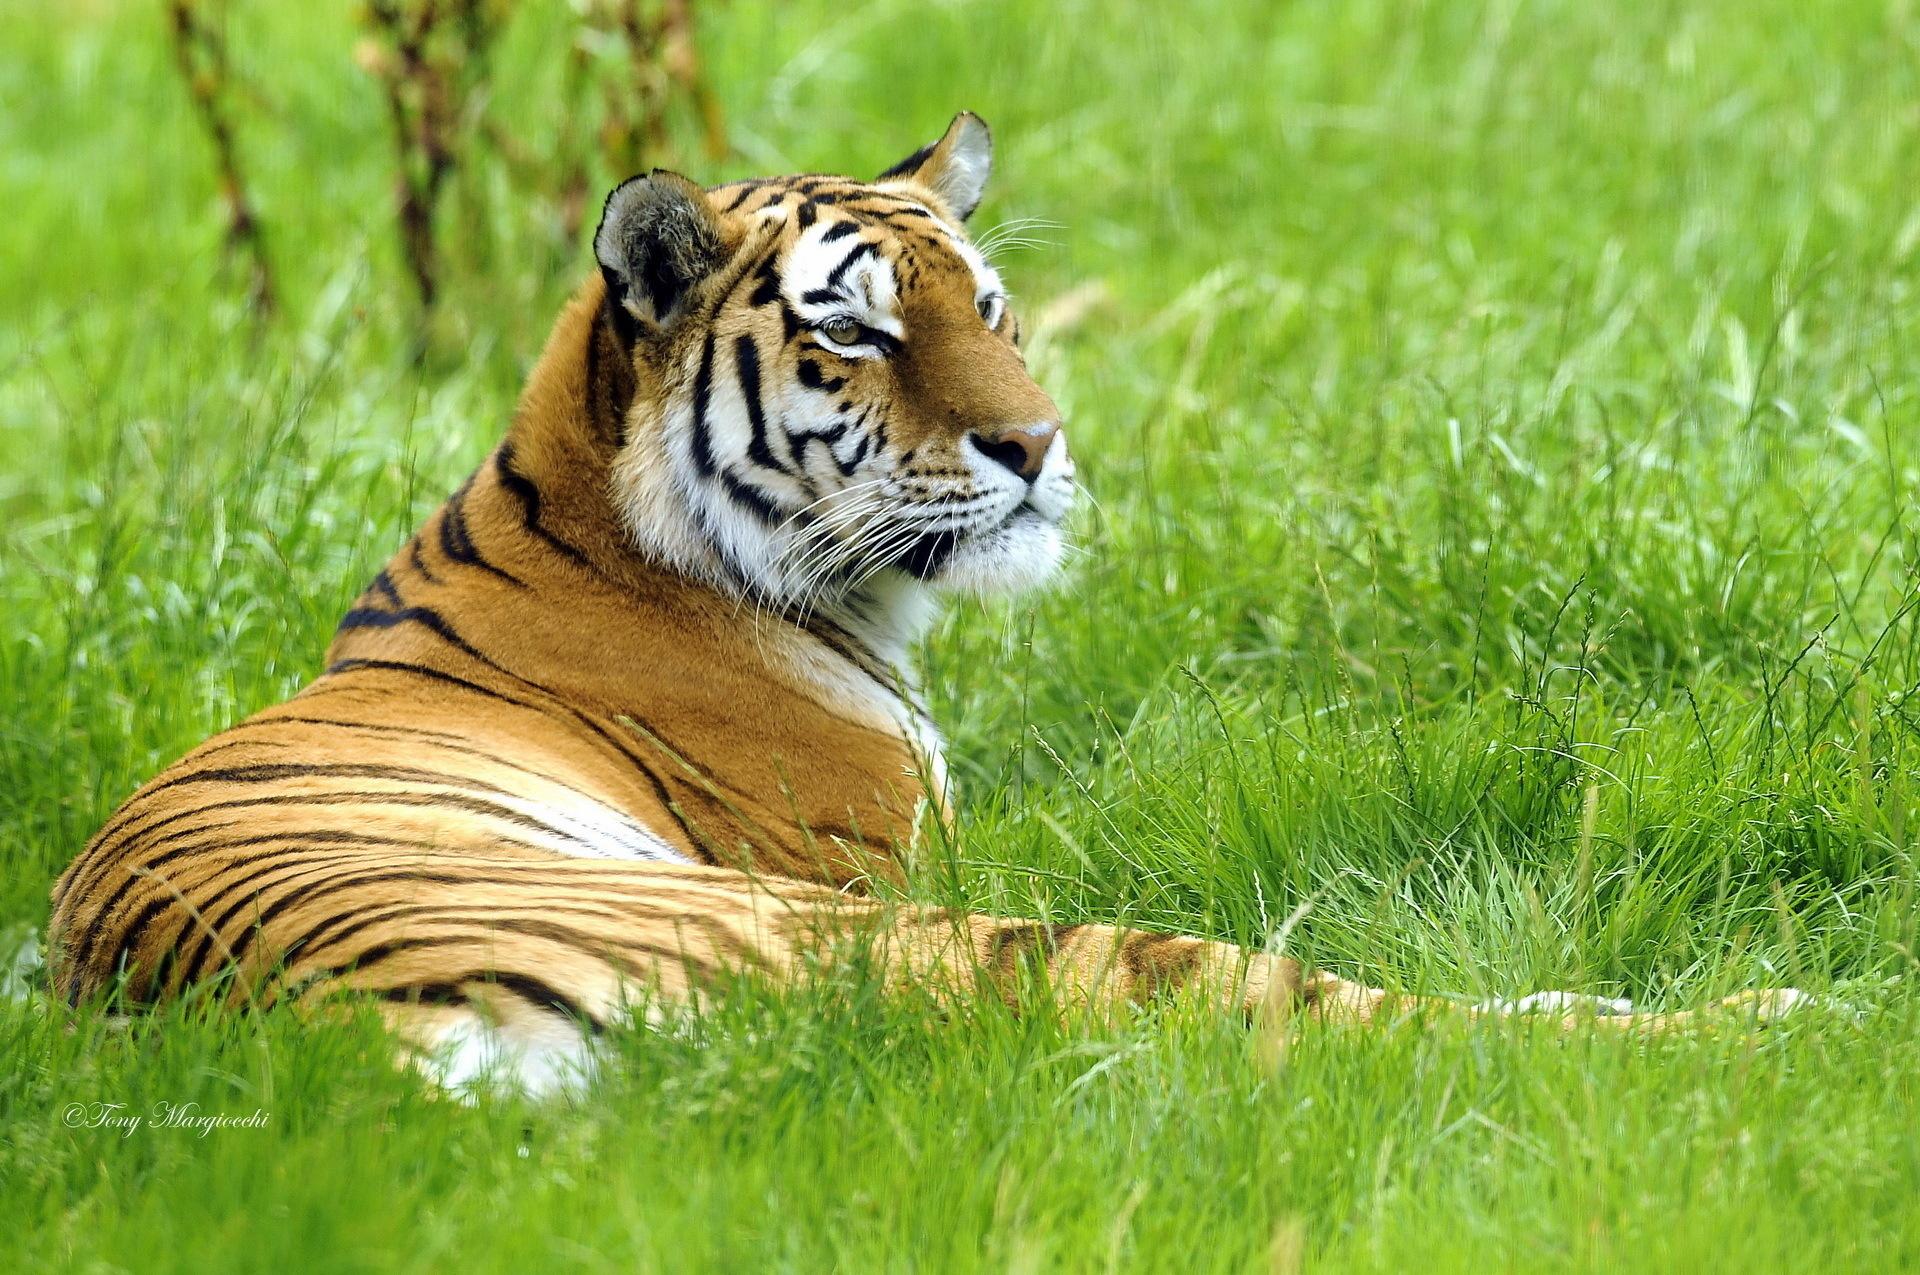 Тигр под пальмой тигр взгляд вверх  № 2081275 загрузить